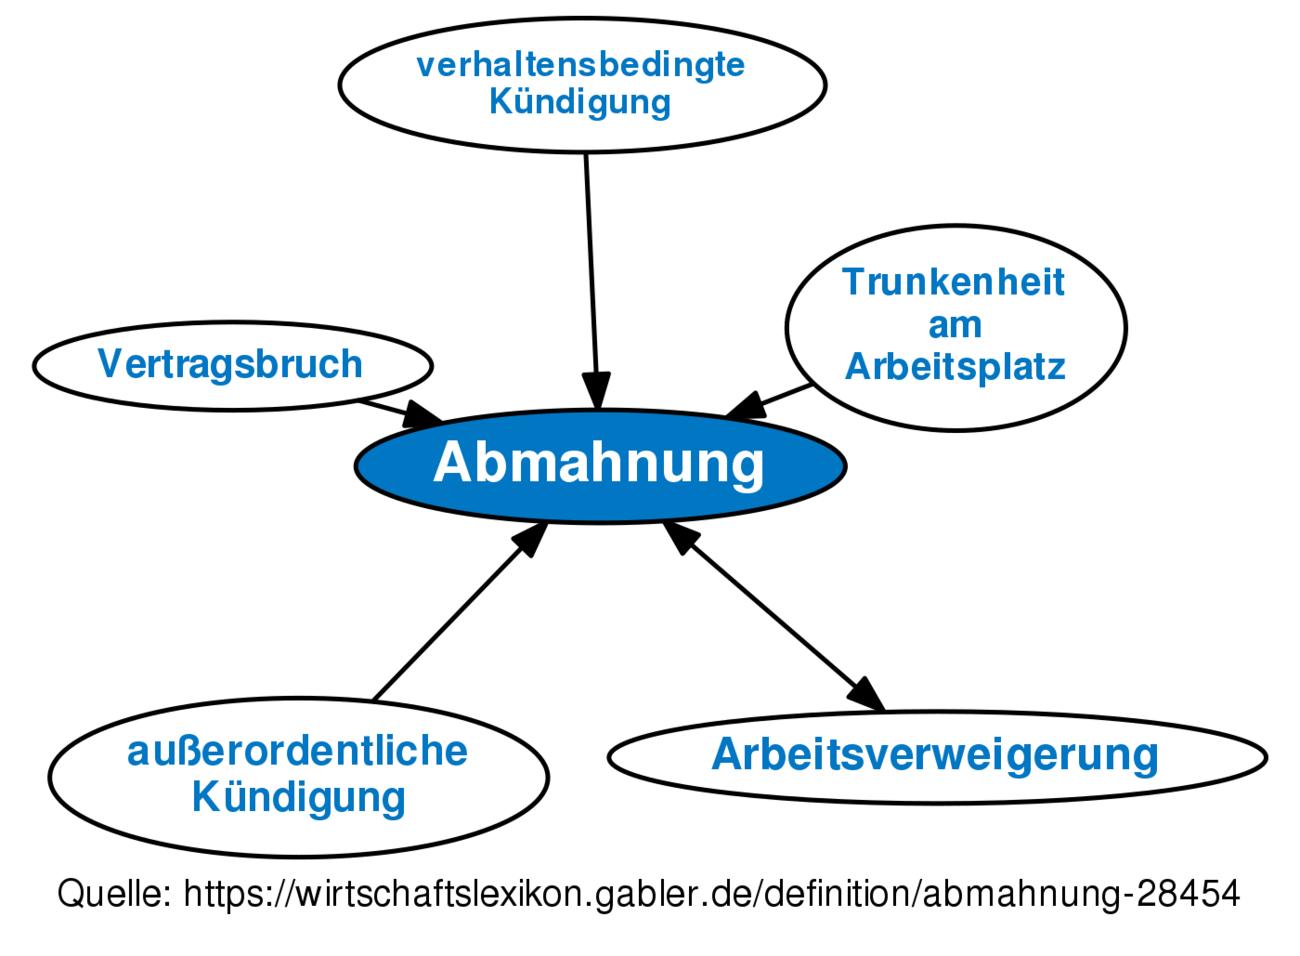 Abmahnung Definition Gabler Wirtschaftslexikon